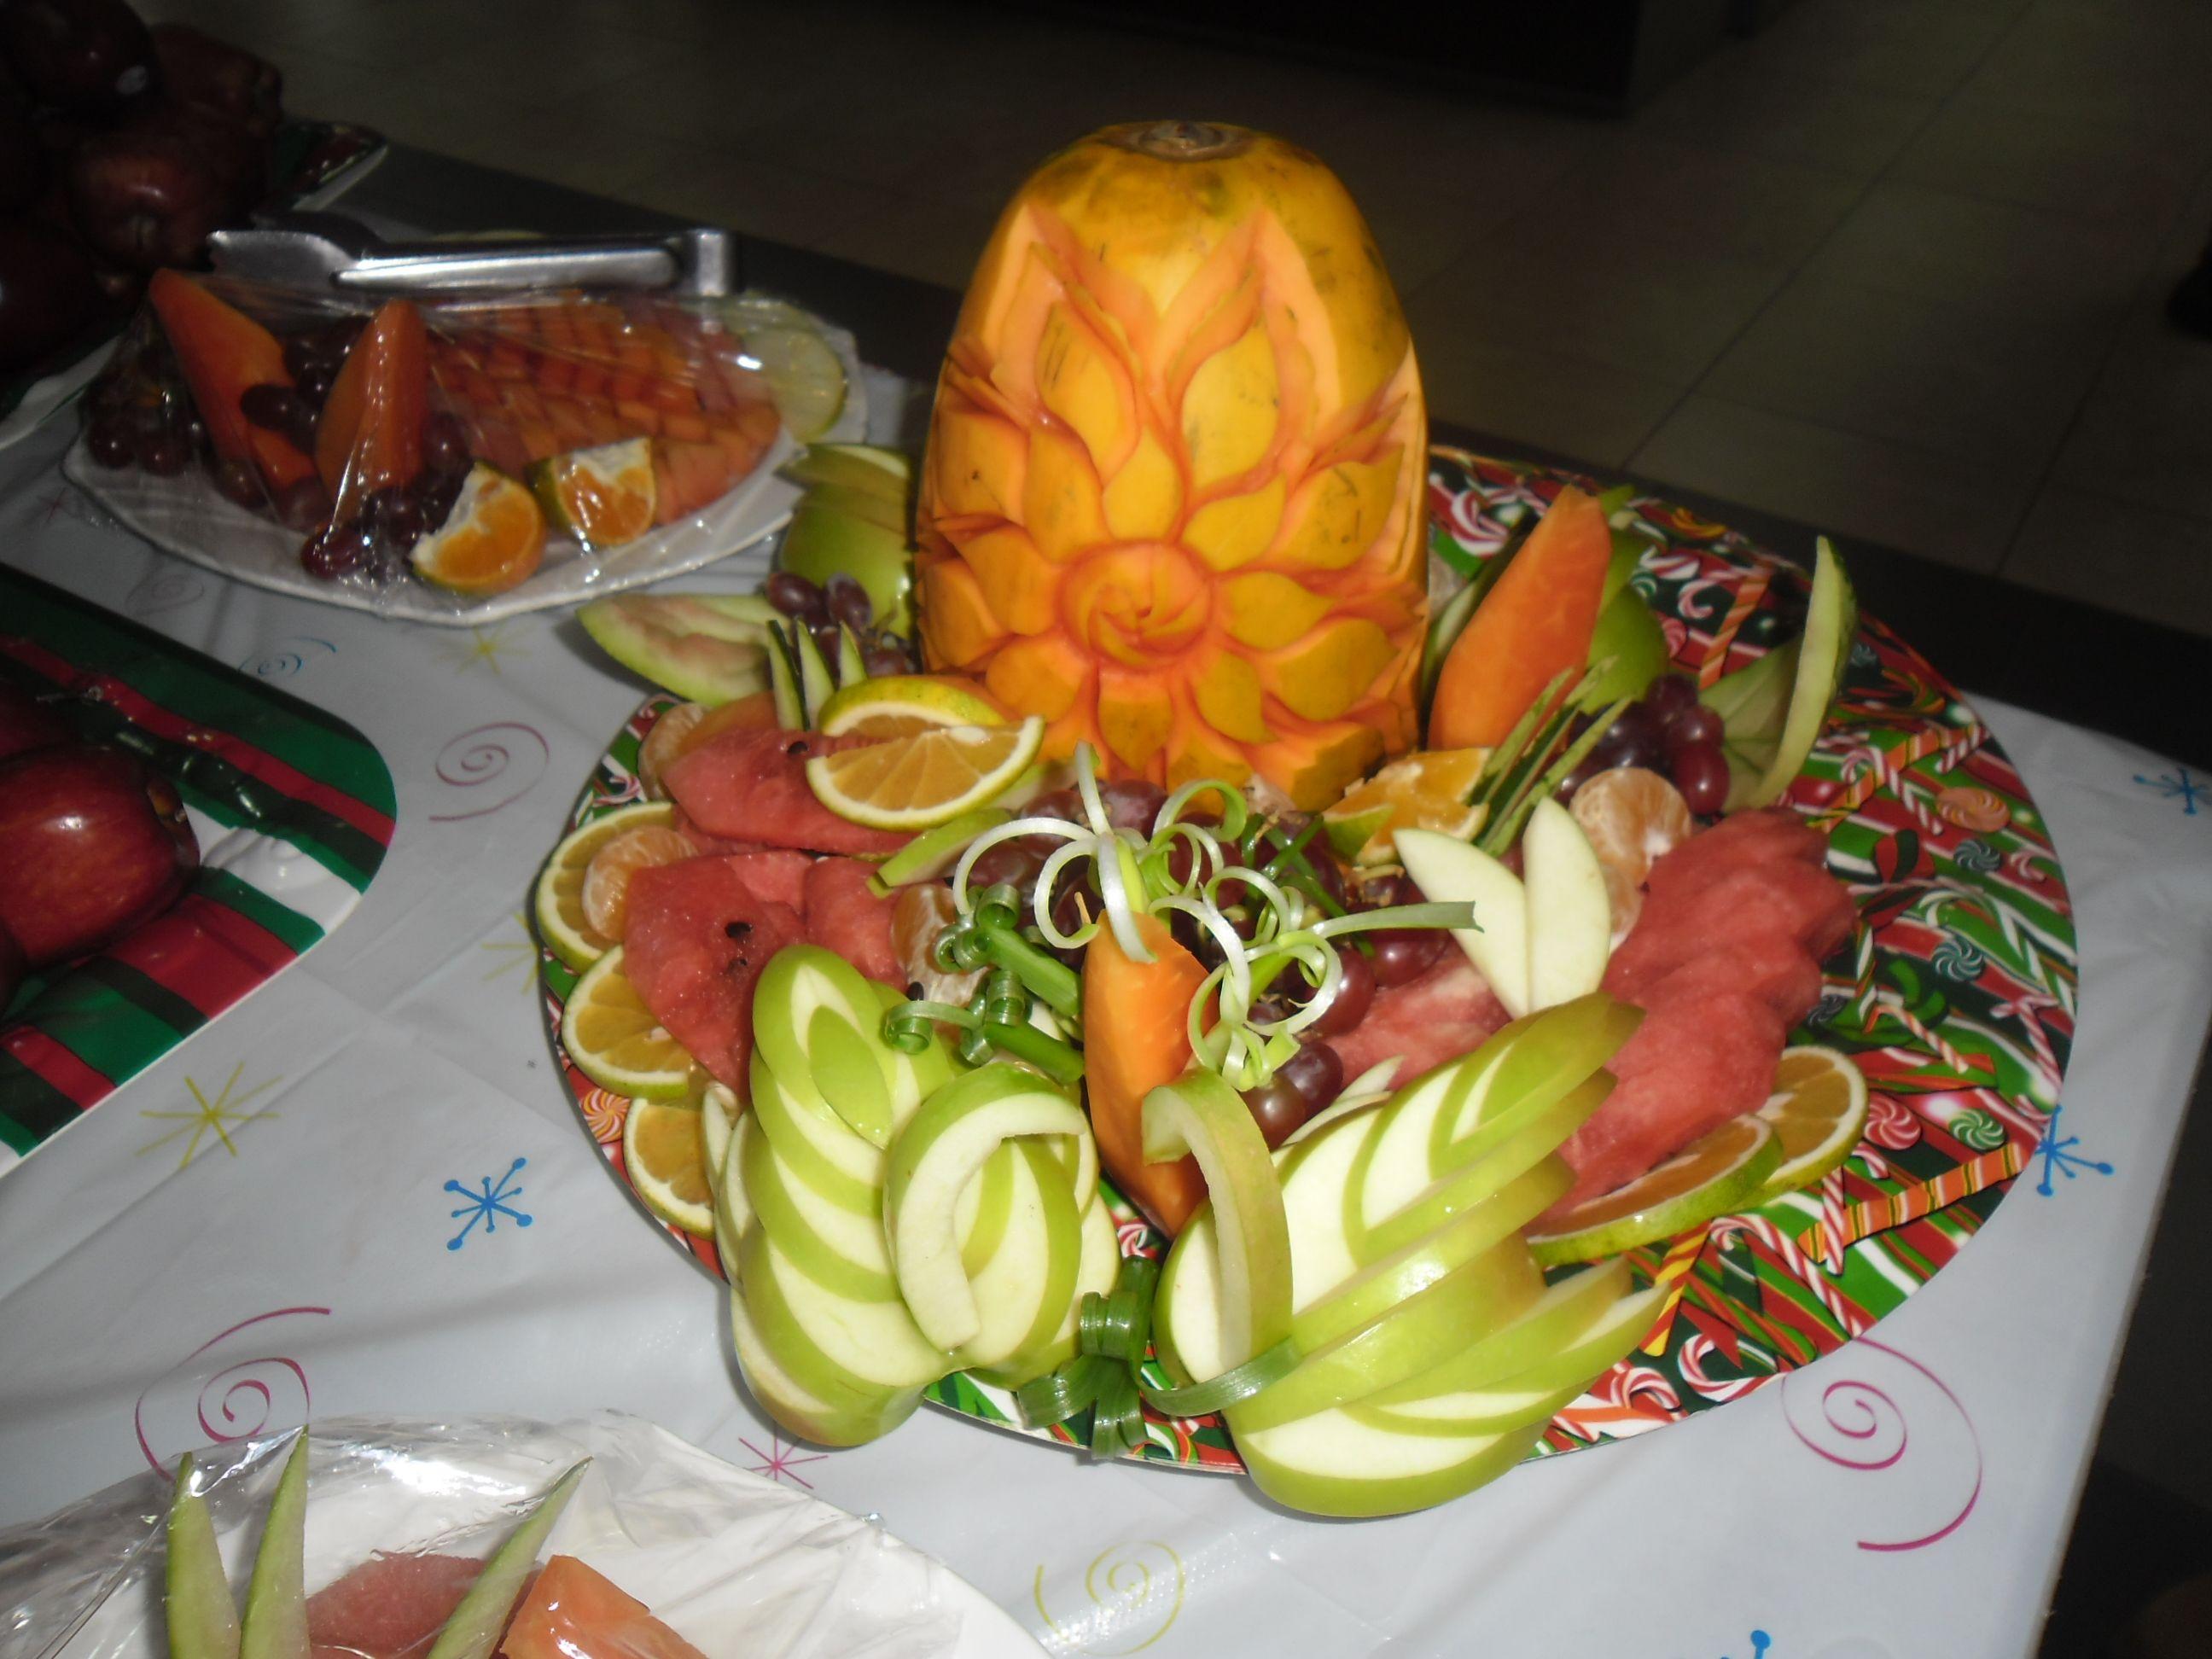 Diseño en frutas by Camil